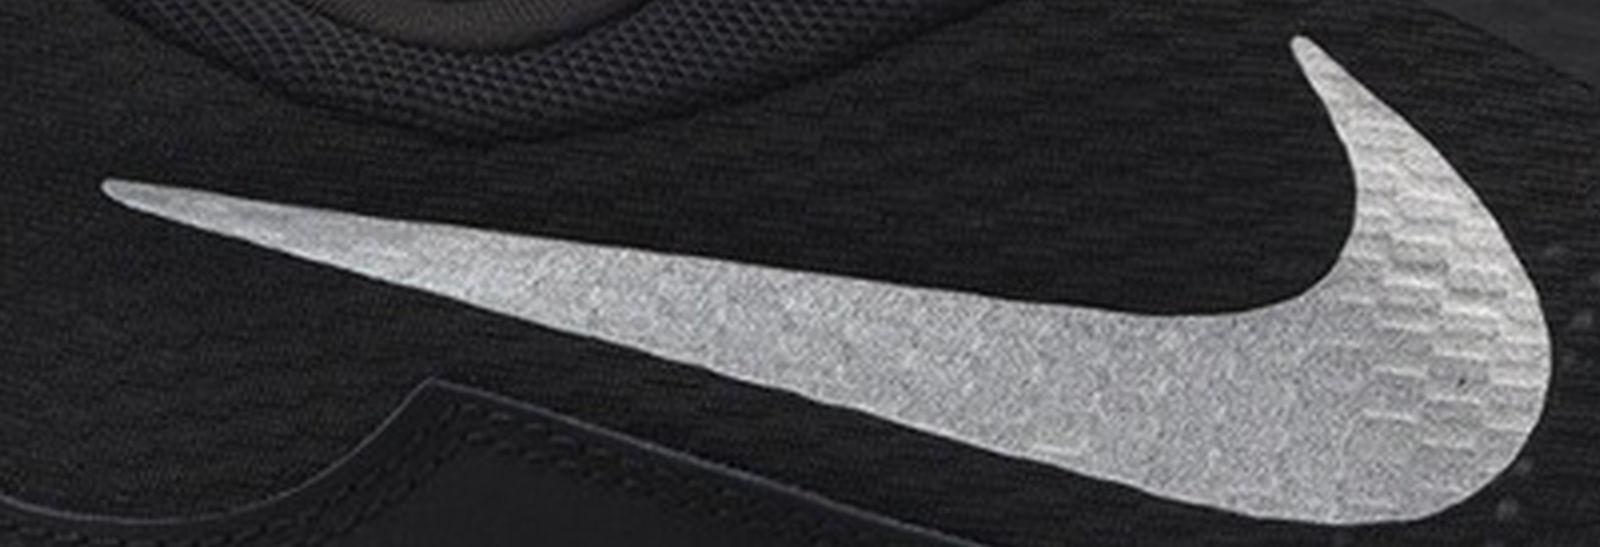 Details zu Nike Herren Sport Fitness Freizeit Schuhe Workoutschuhe LEGEND TRAINER schwarz